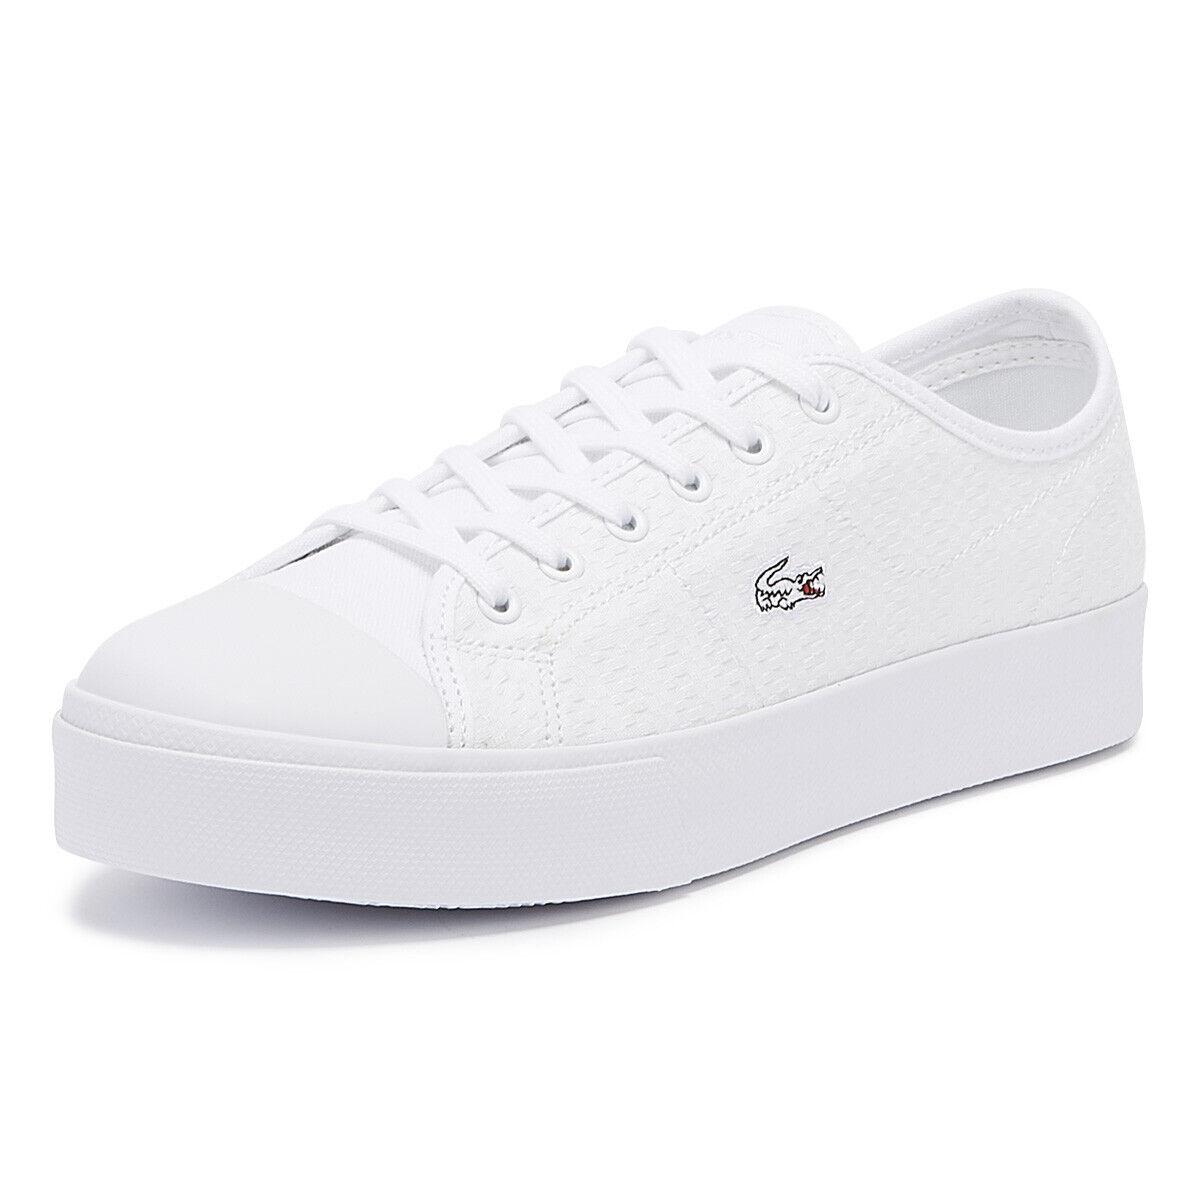 Lacoste Ziane Plus Grand 119 2 para Mujer blancooo Zapatillas Con Cordones Casual Zapatos De Las Señoras